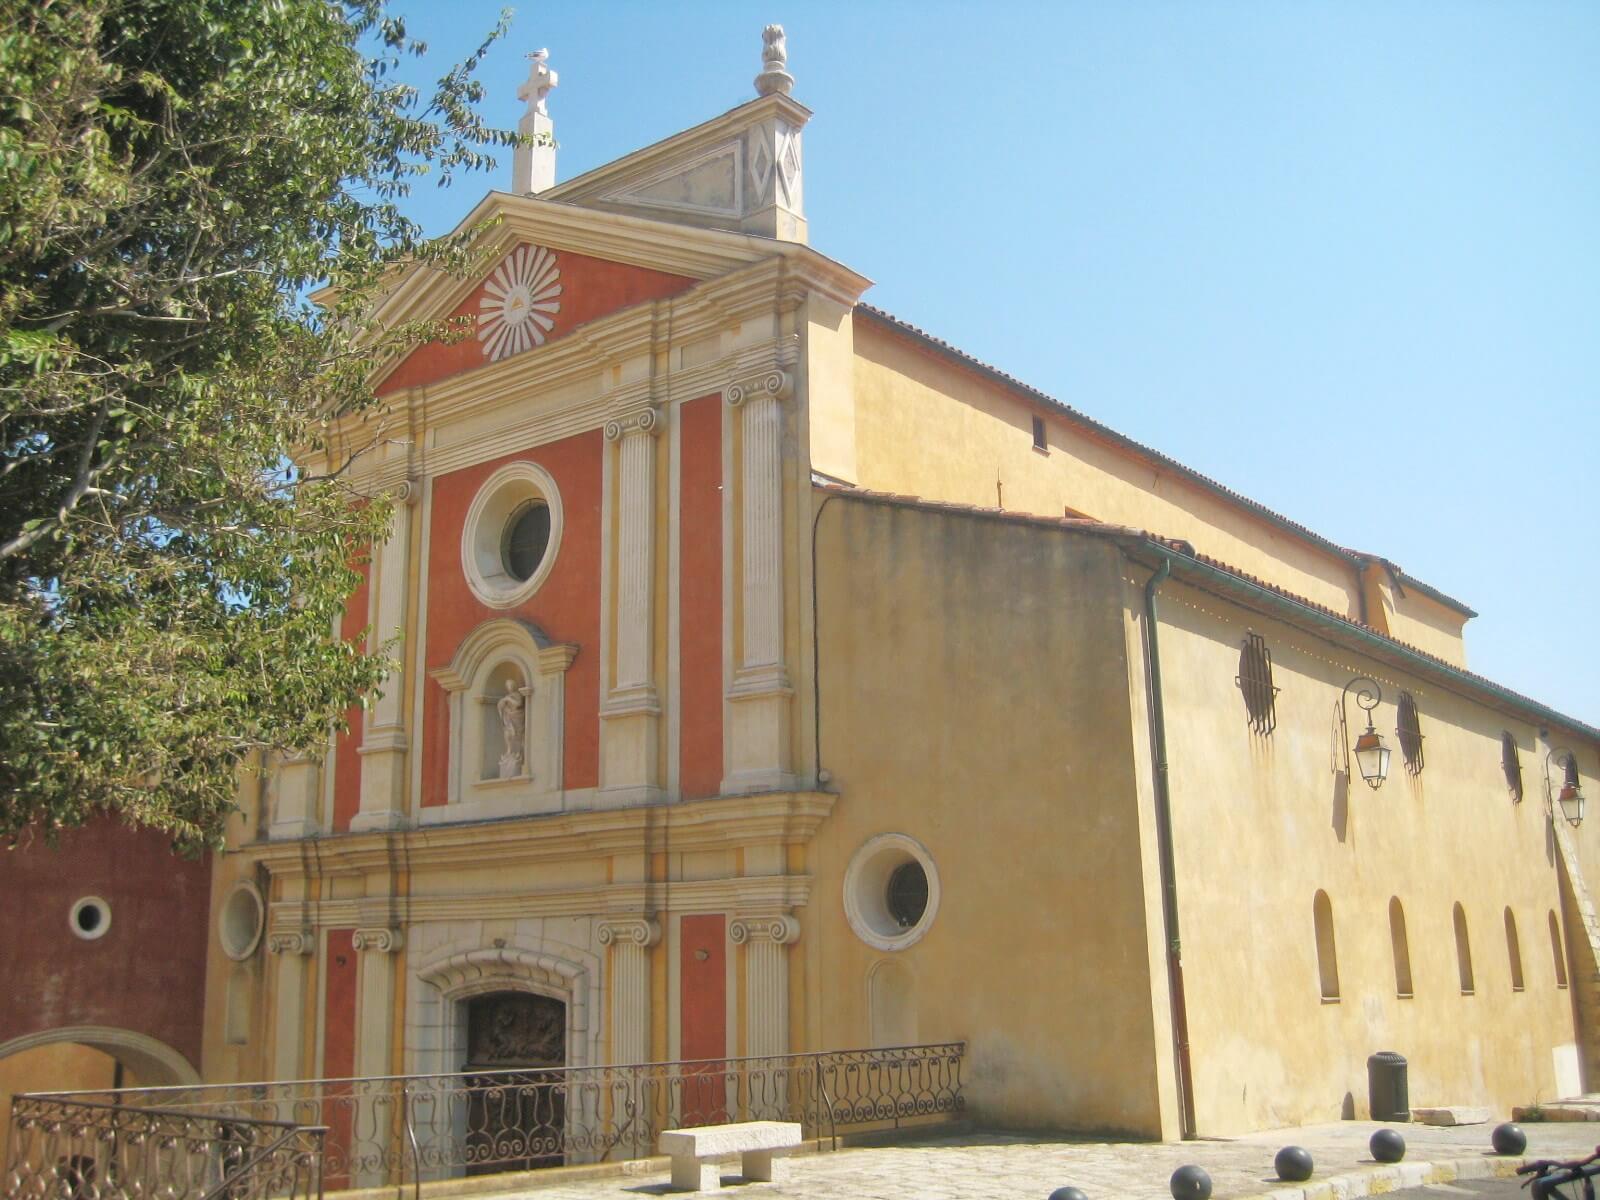 Notre-Dame-de-la-Platea d'Antibes